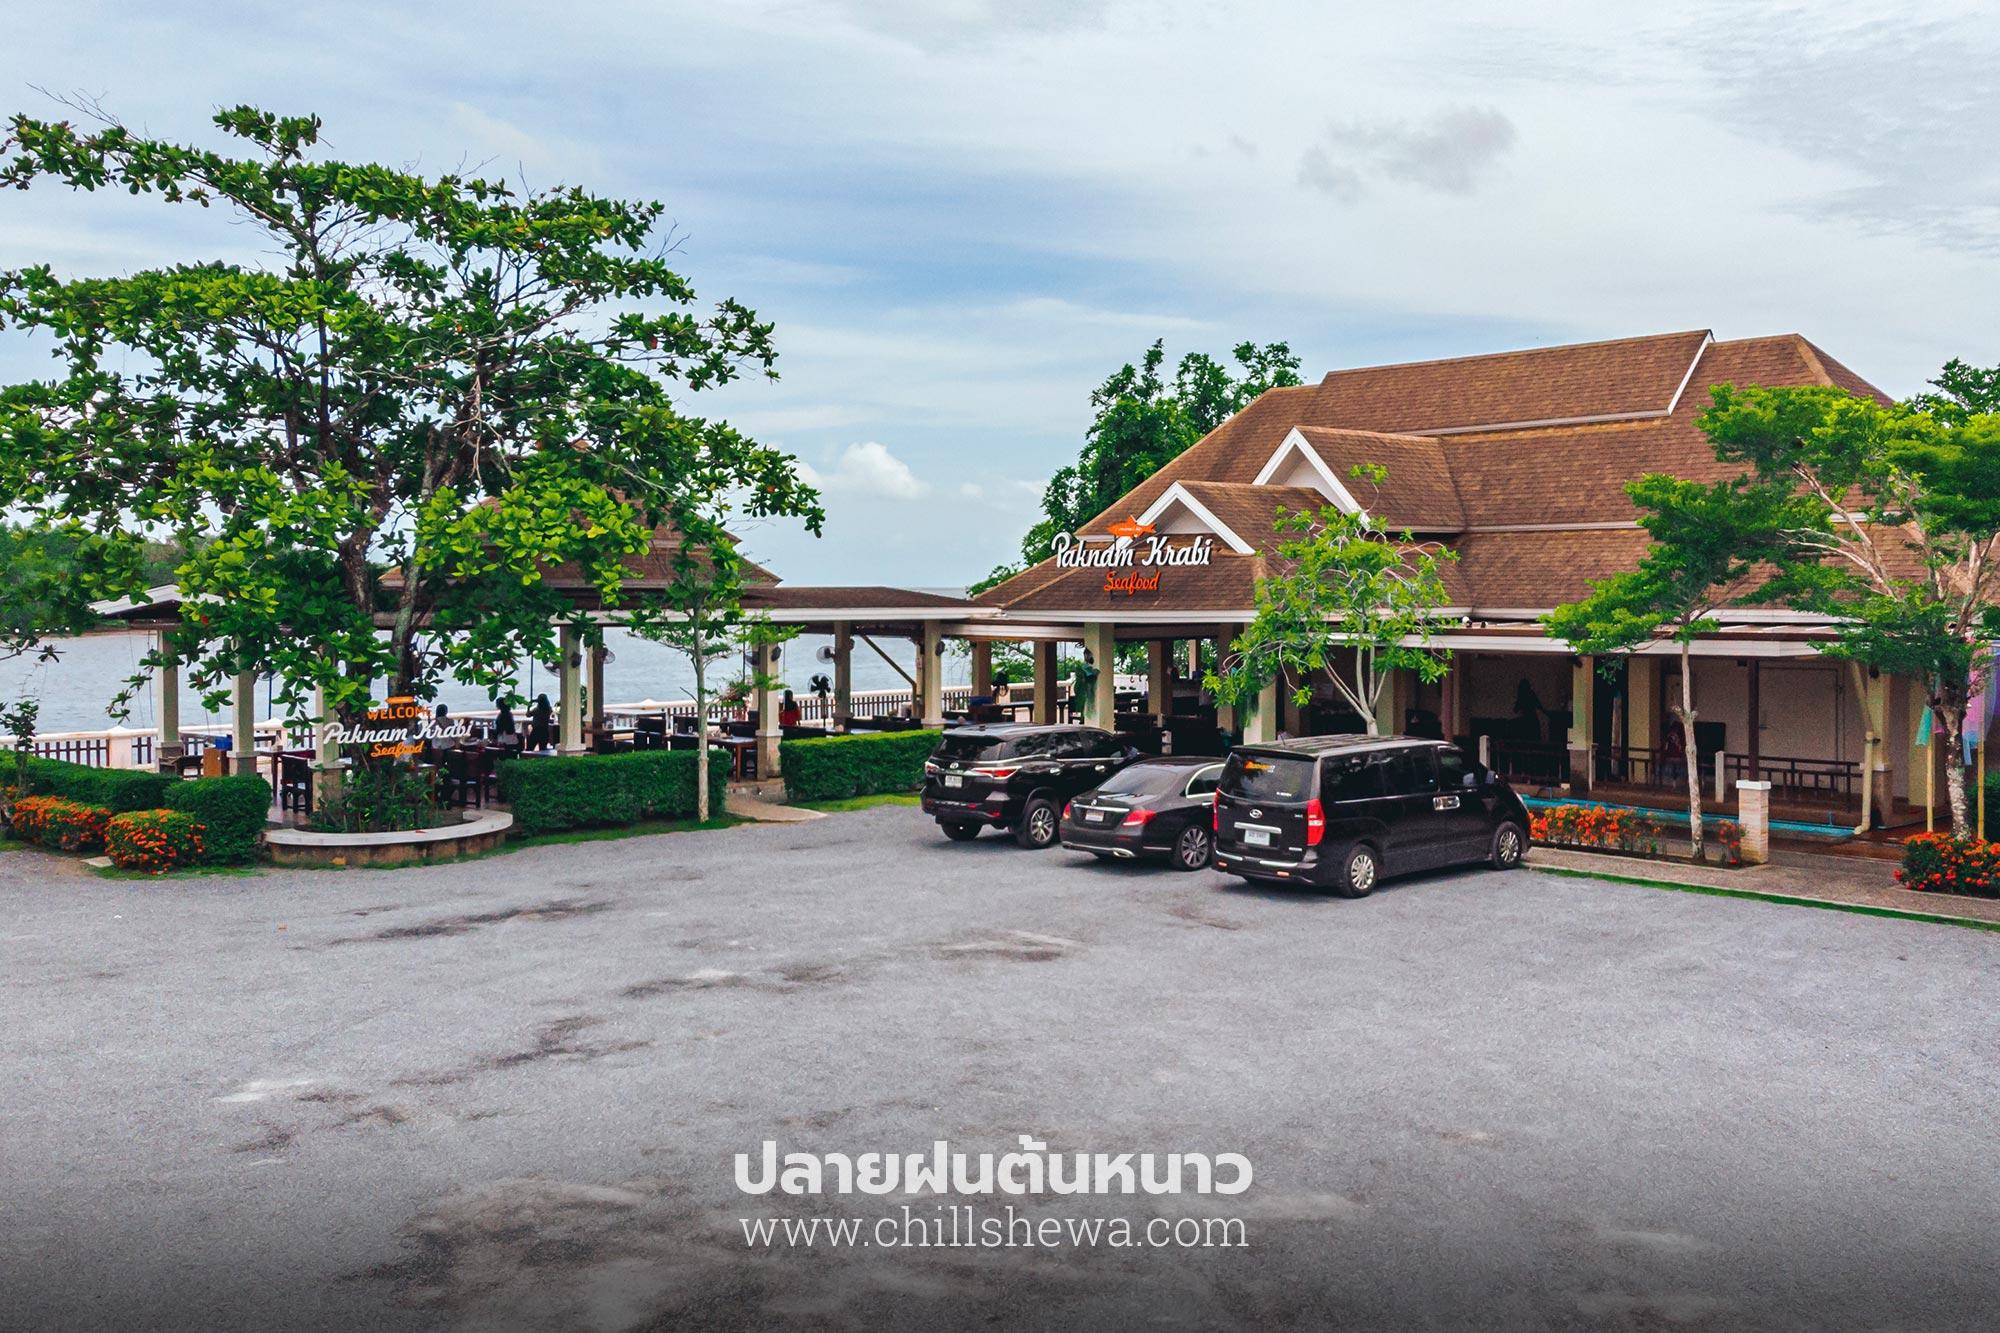 ปากน้ำ กระบี่ ซีฟู้ด krabi front bay resort Krabi Front Bay Resort กระบี่ ฟร้อนท์ เบย์ รีสอร์ท Krabi Front Bay Resort 18